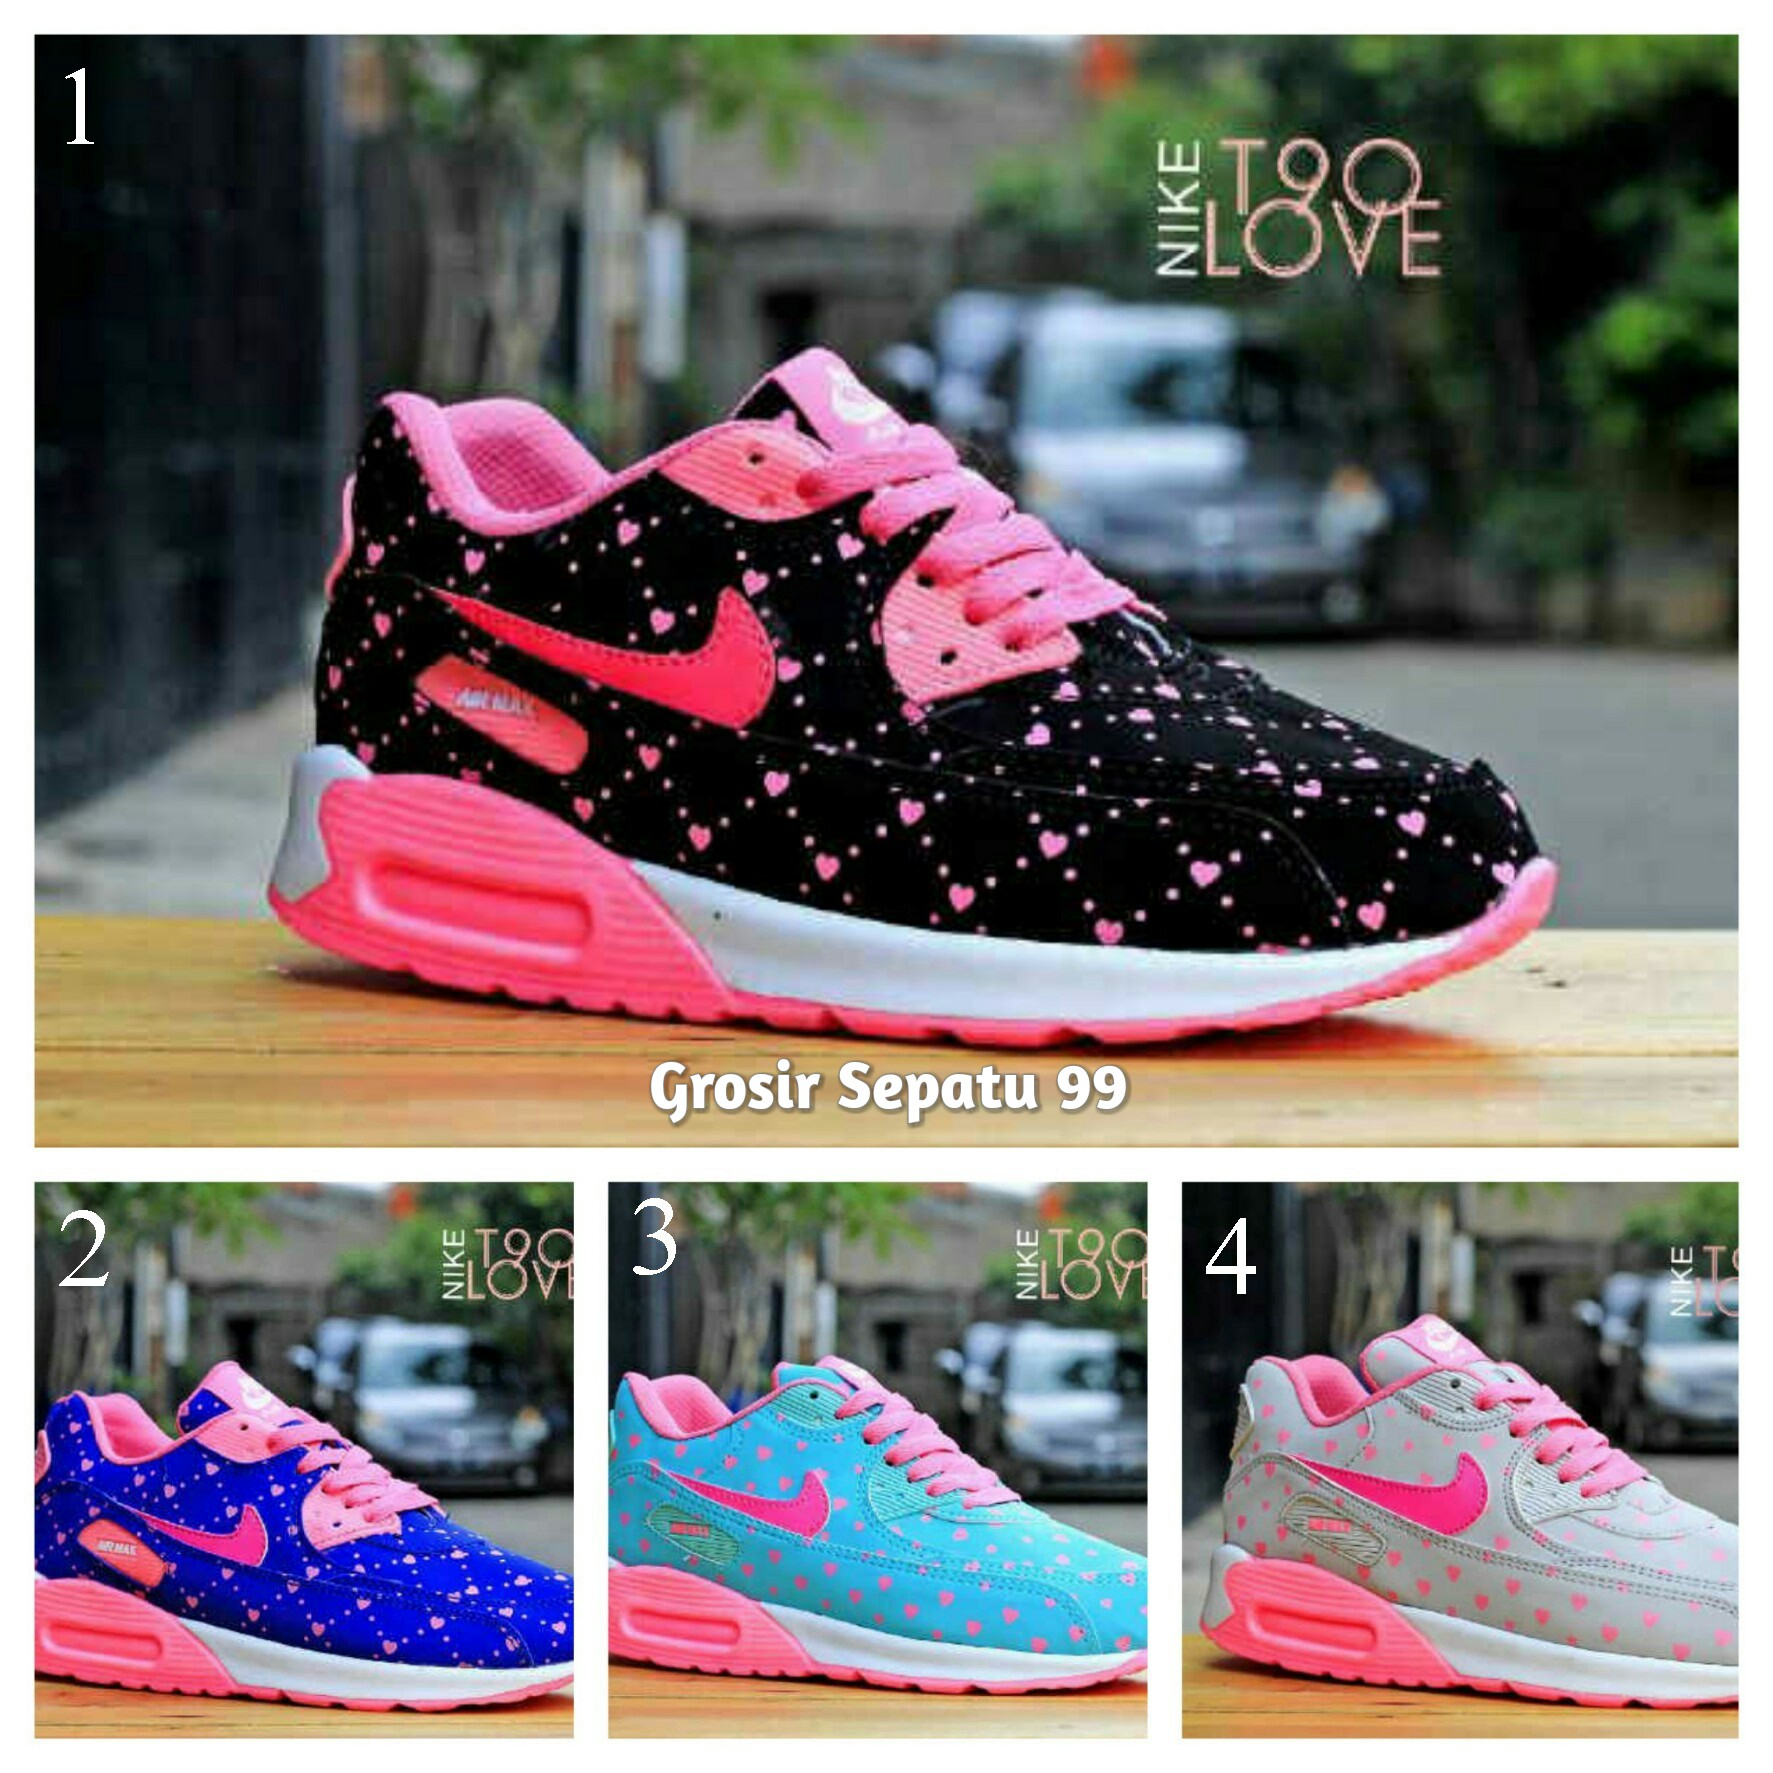 Jual Sepatu Nike Air Max T90 Love Women Untuk Wanita dan Anak Murah Grosir  - Grosir Sepatu 99  6668d04875